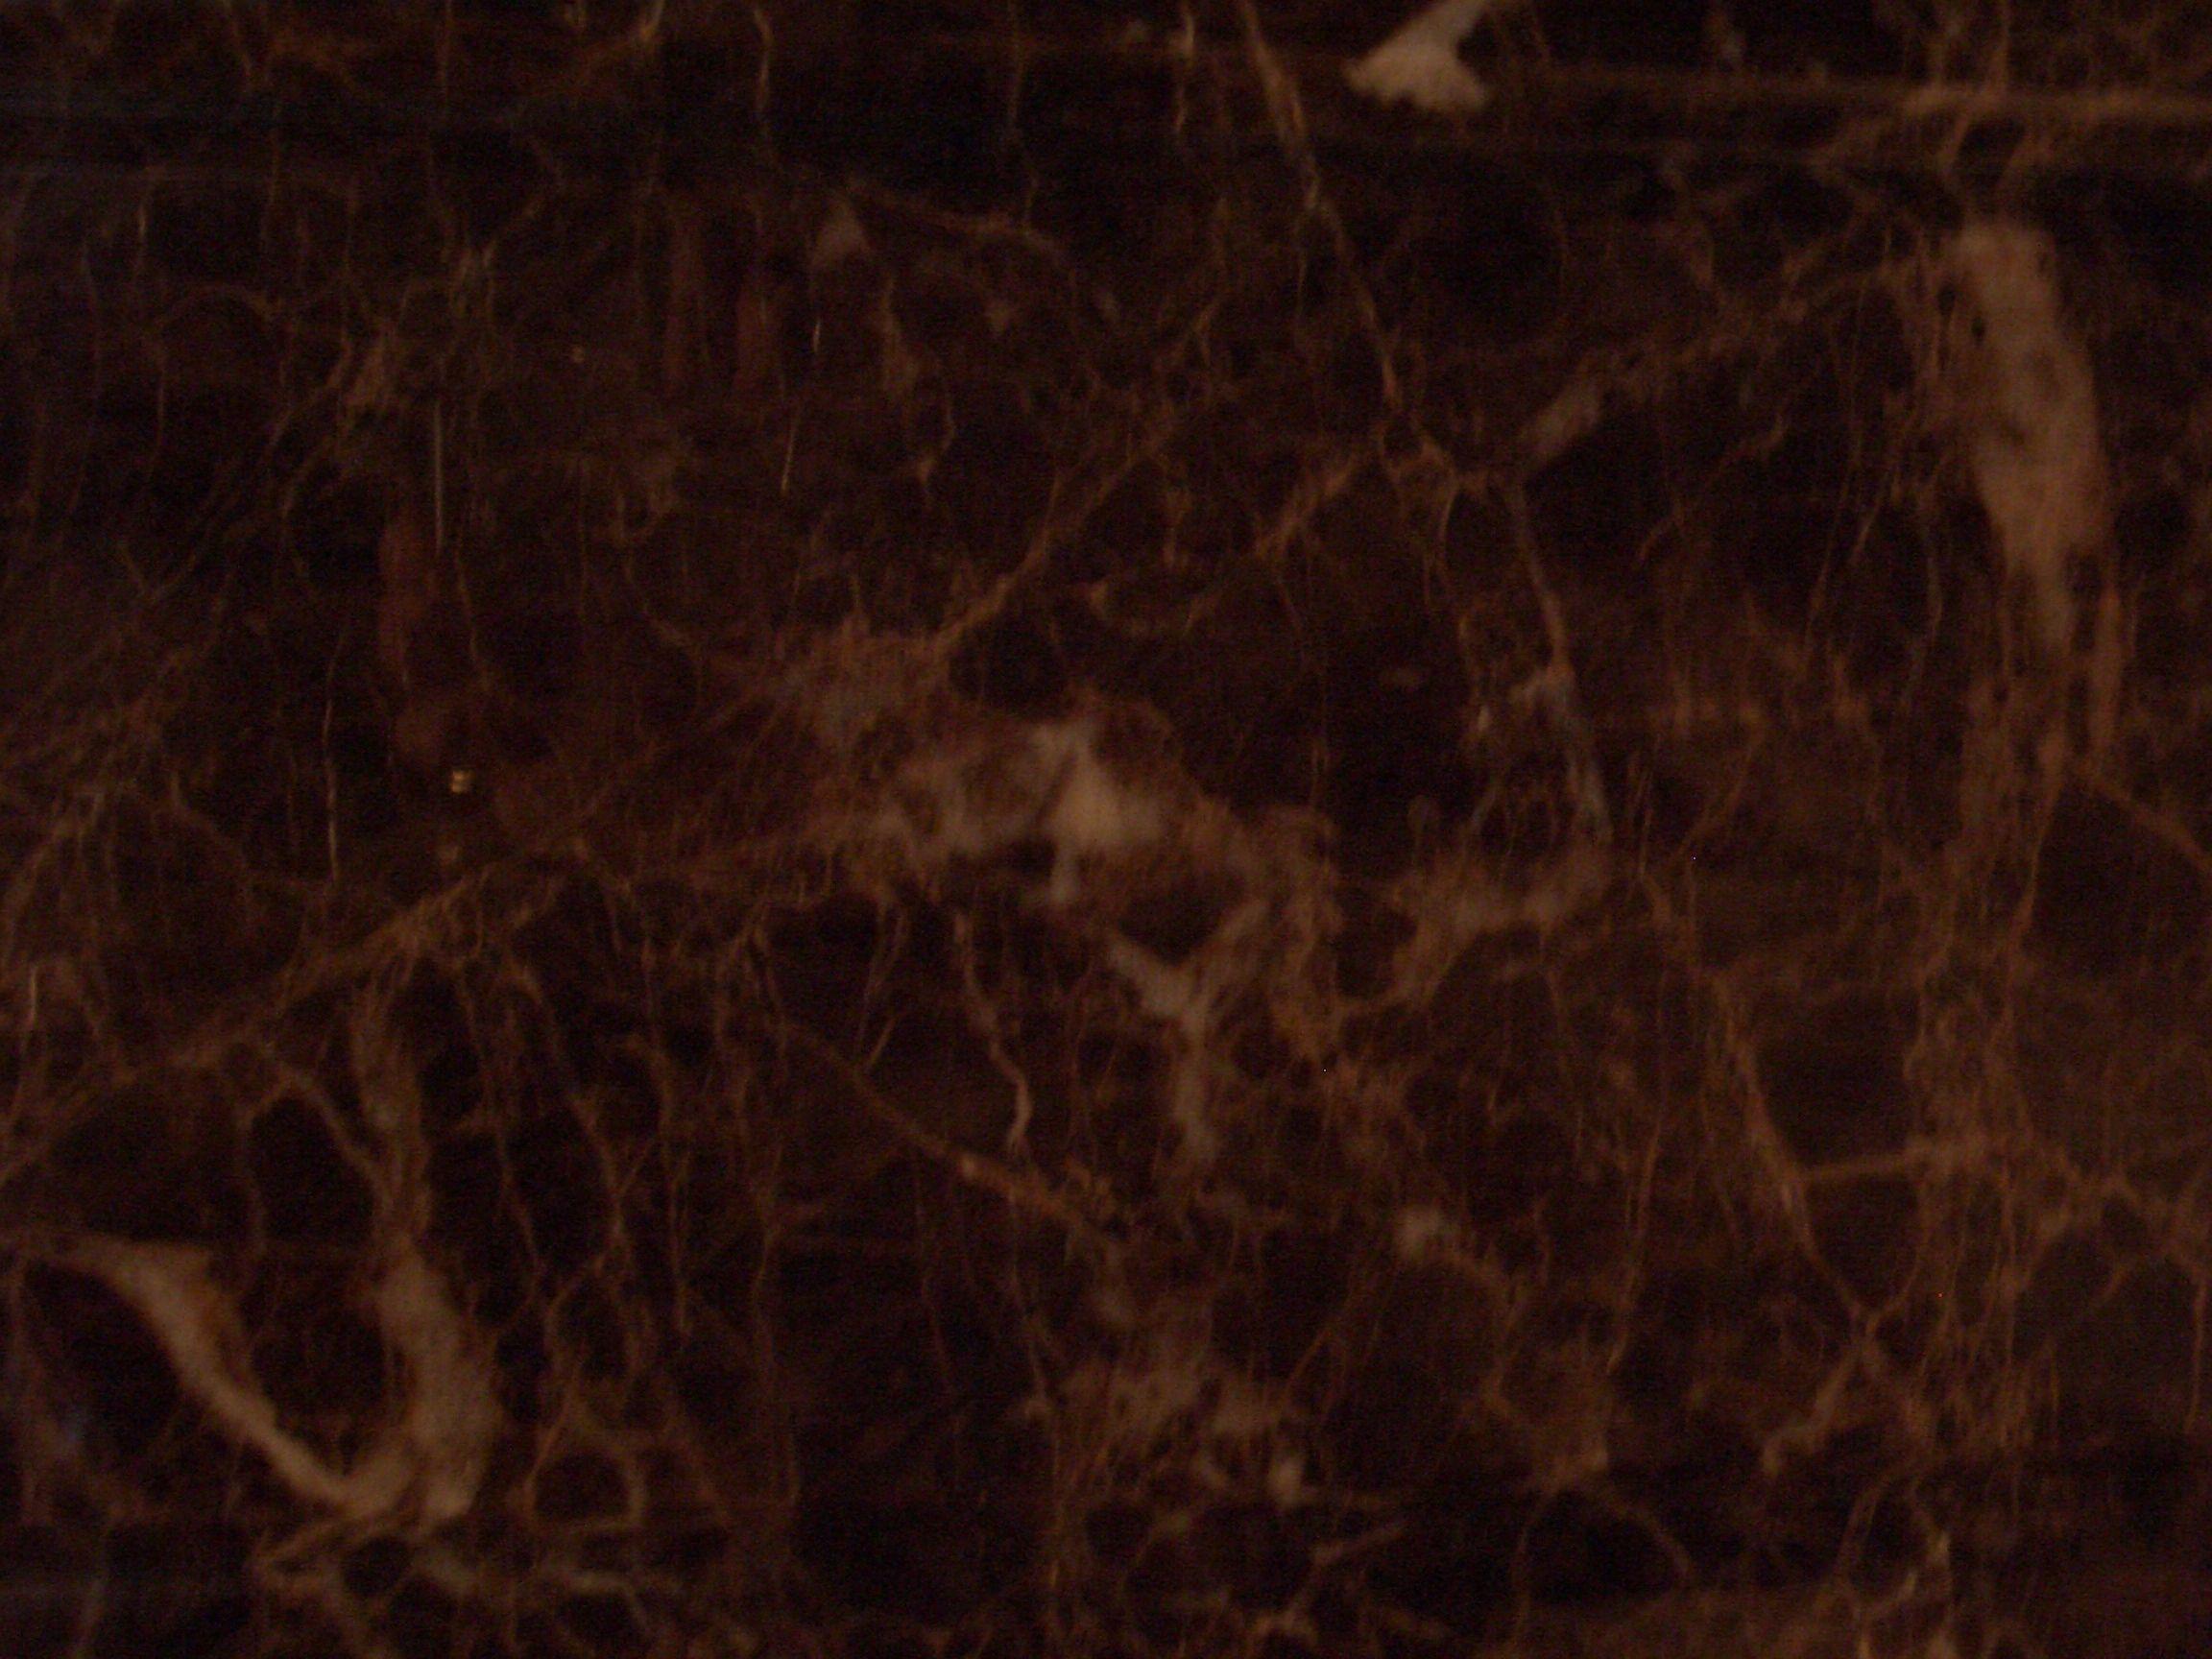 texture: marble [image 2304x1728 pixels] | IMVU Textures | Pinterest ...